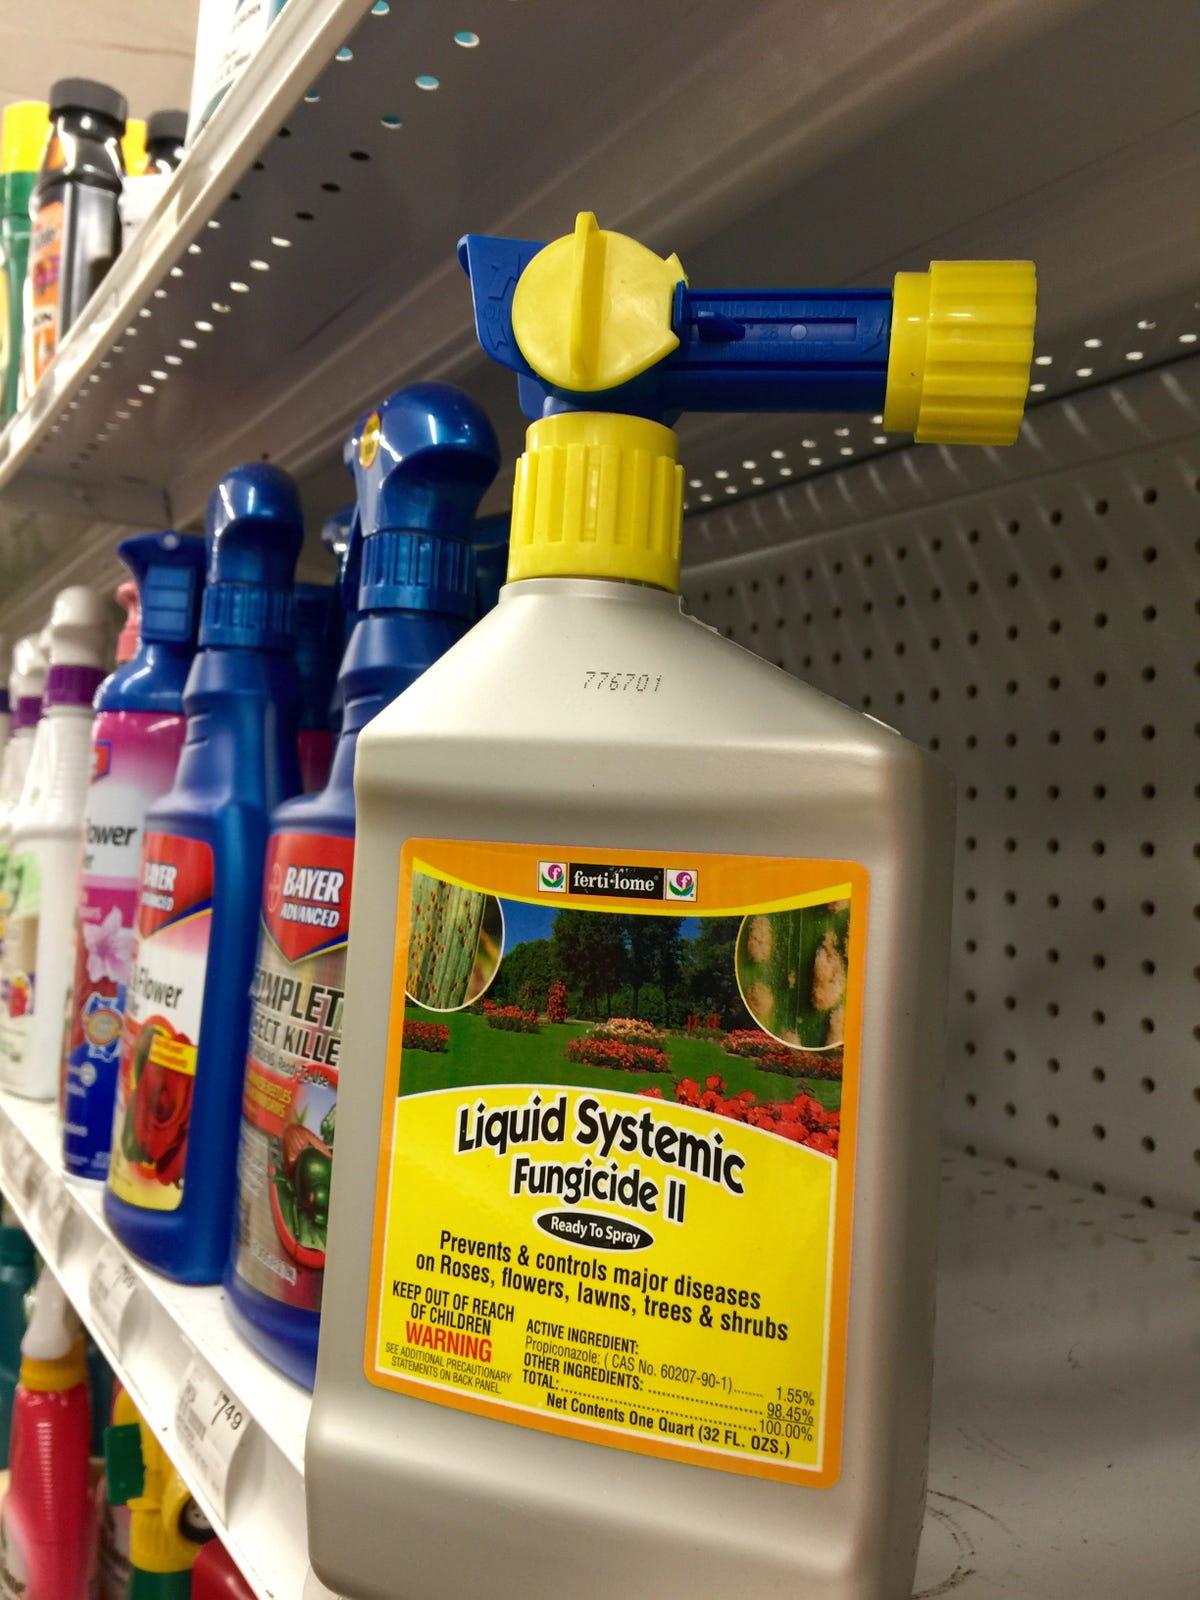 Denver halts some pot sales over bug spray worries